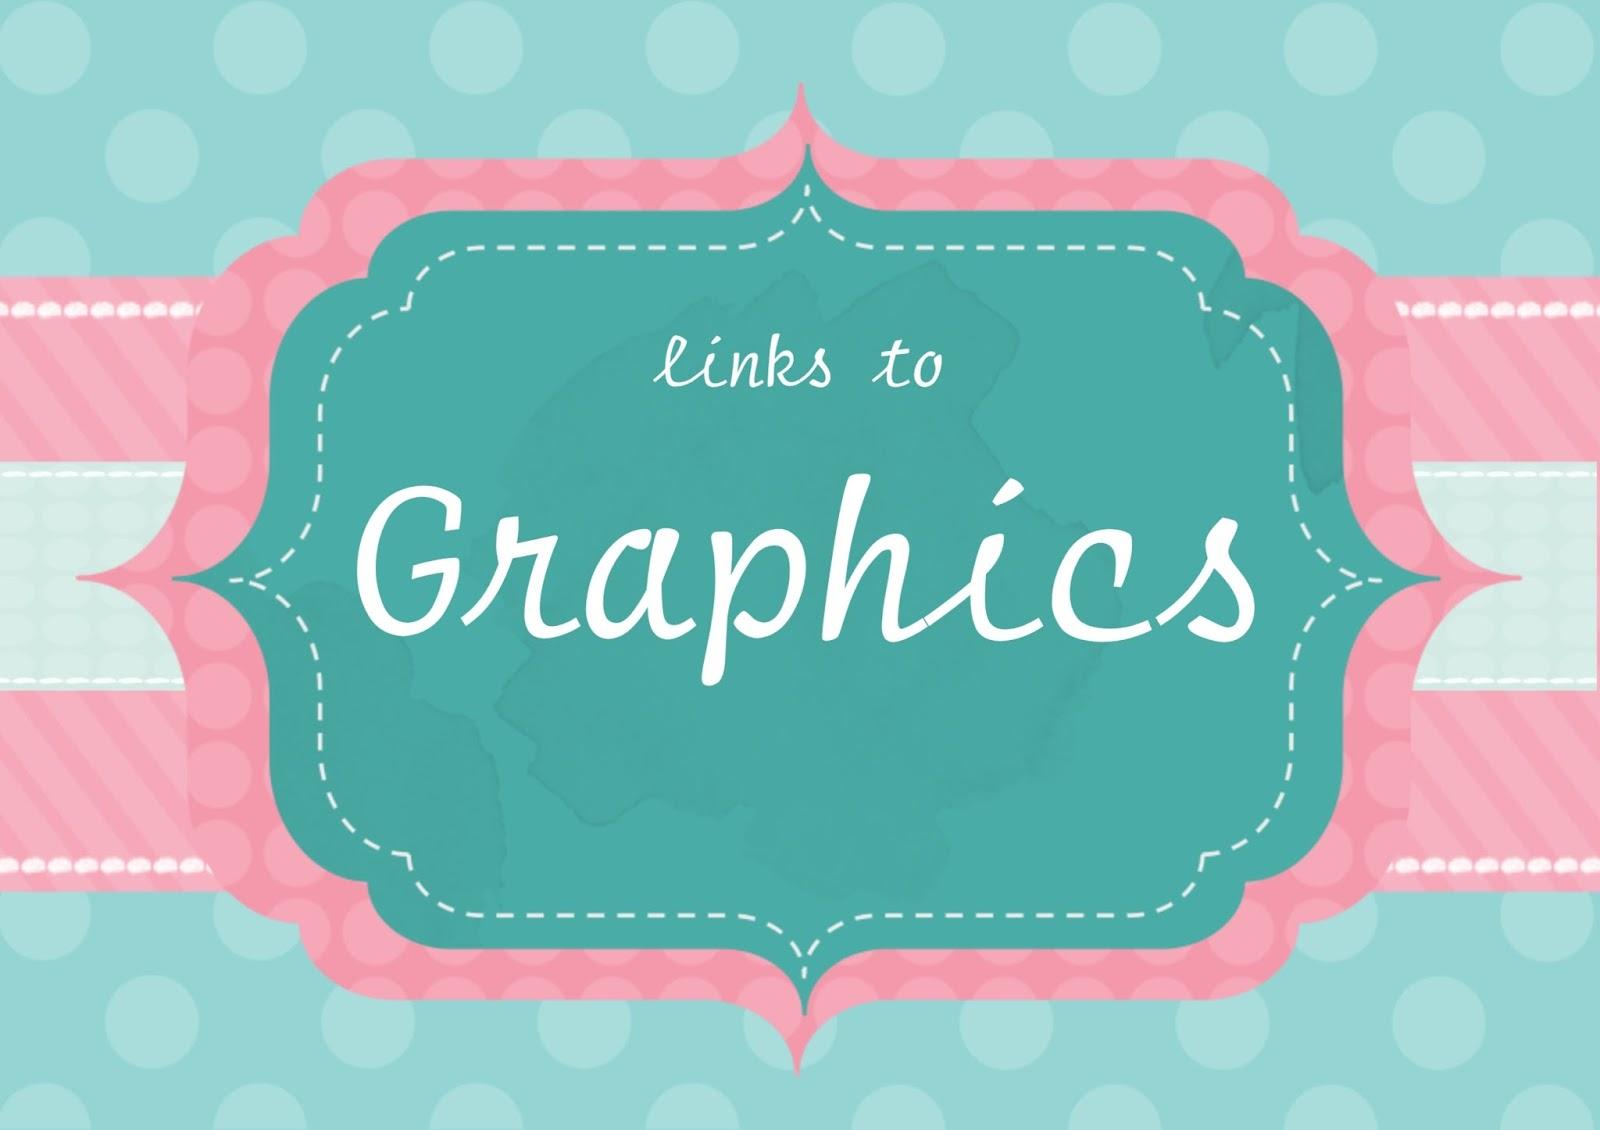 Http www biblefunforkids com 2014 12 graphics links html